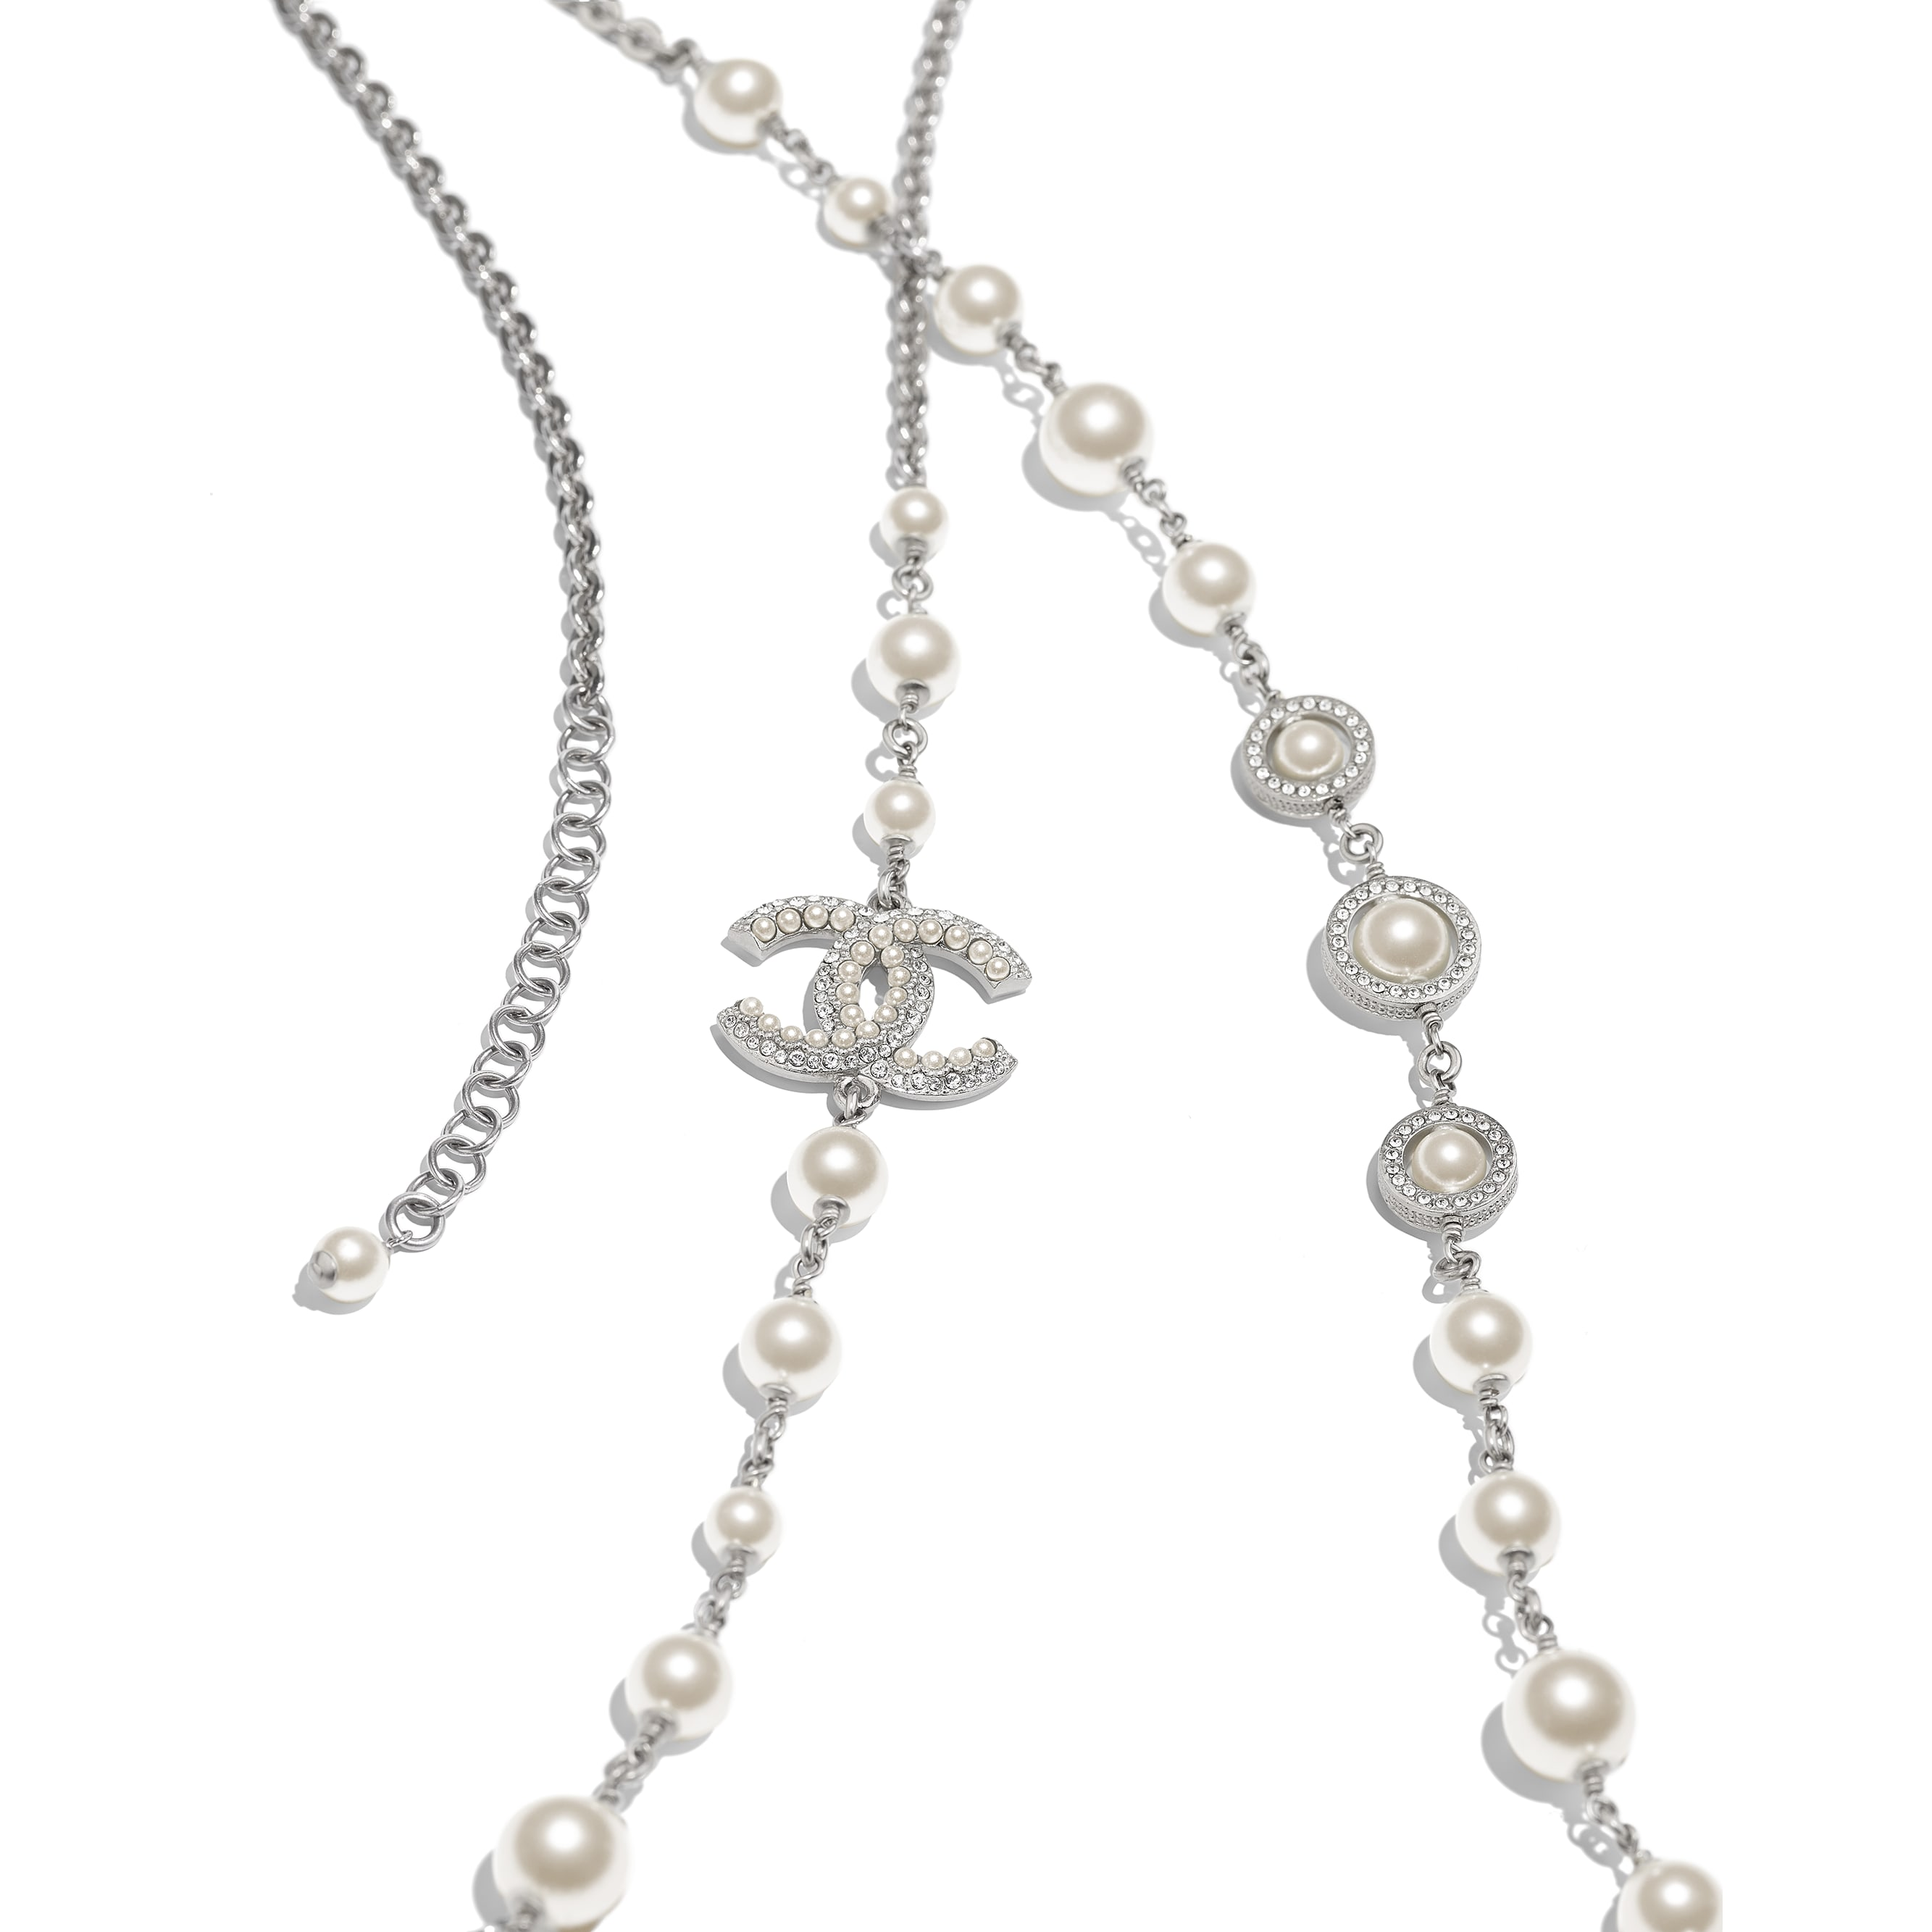 Длинное колье - Серебряный, жемчужно-белый, прозрачный - Металл, стеклянный жемчуг и стразы - Альтернативный вид - посмотреть изображение стандартного размера